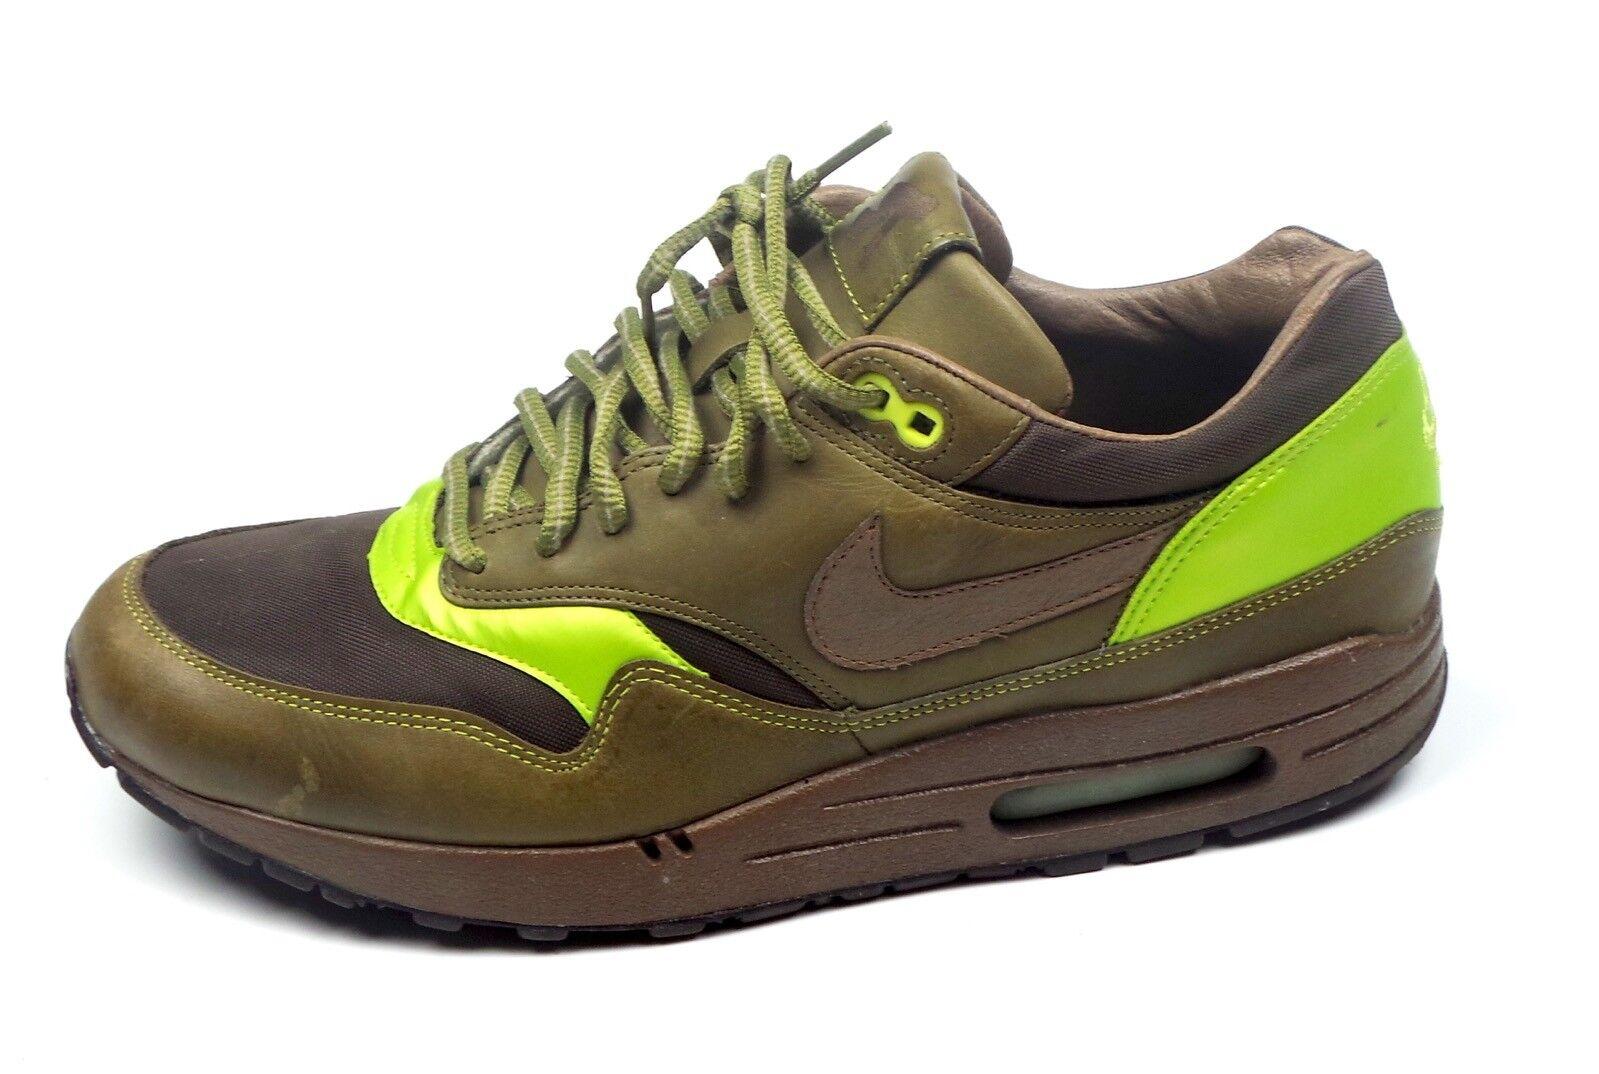 Nike air zoom soldato x id 10 id x partita 7 4 vittorie sz 11 ds fumare erba ogni giorno 1 / 1 114539